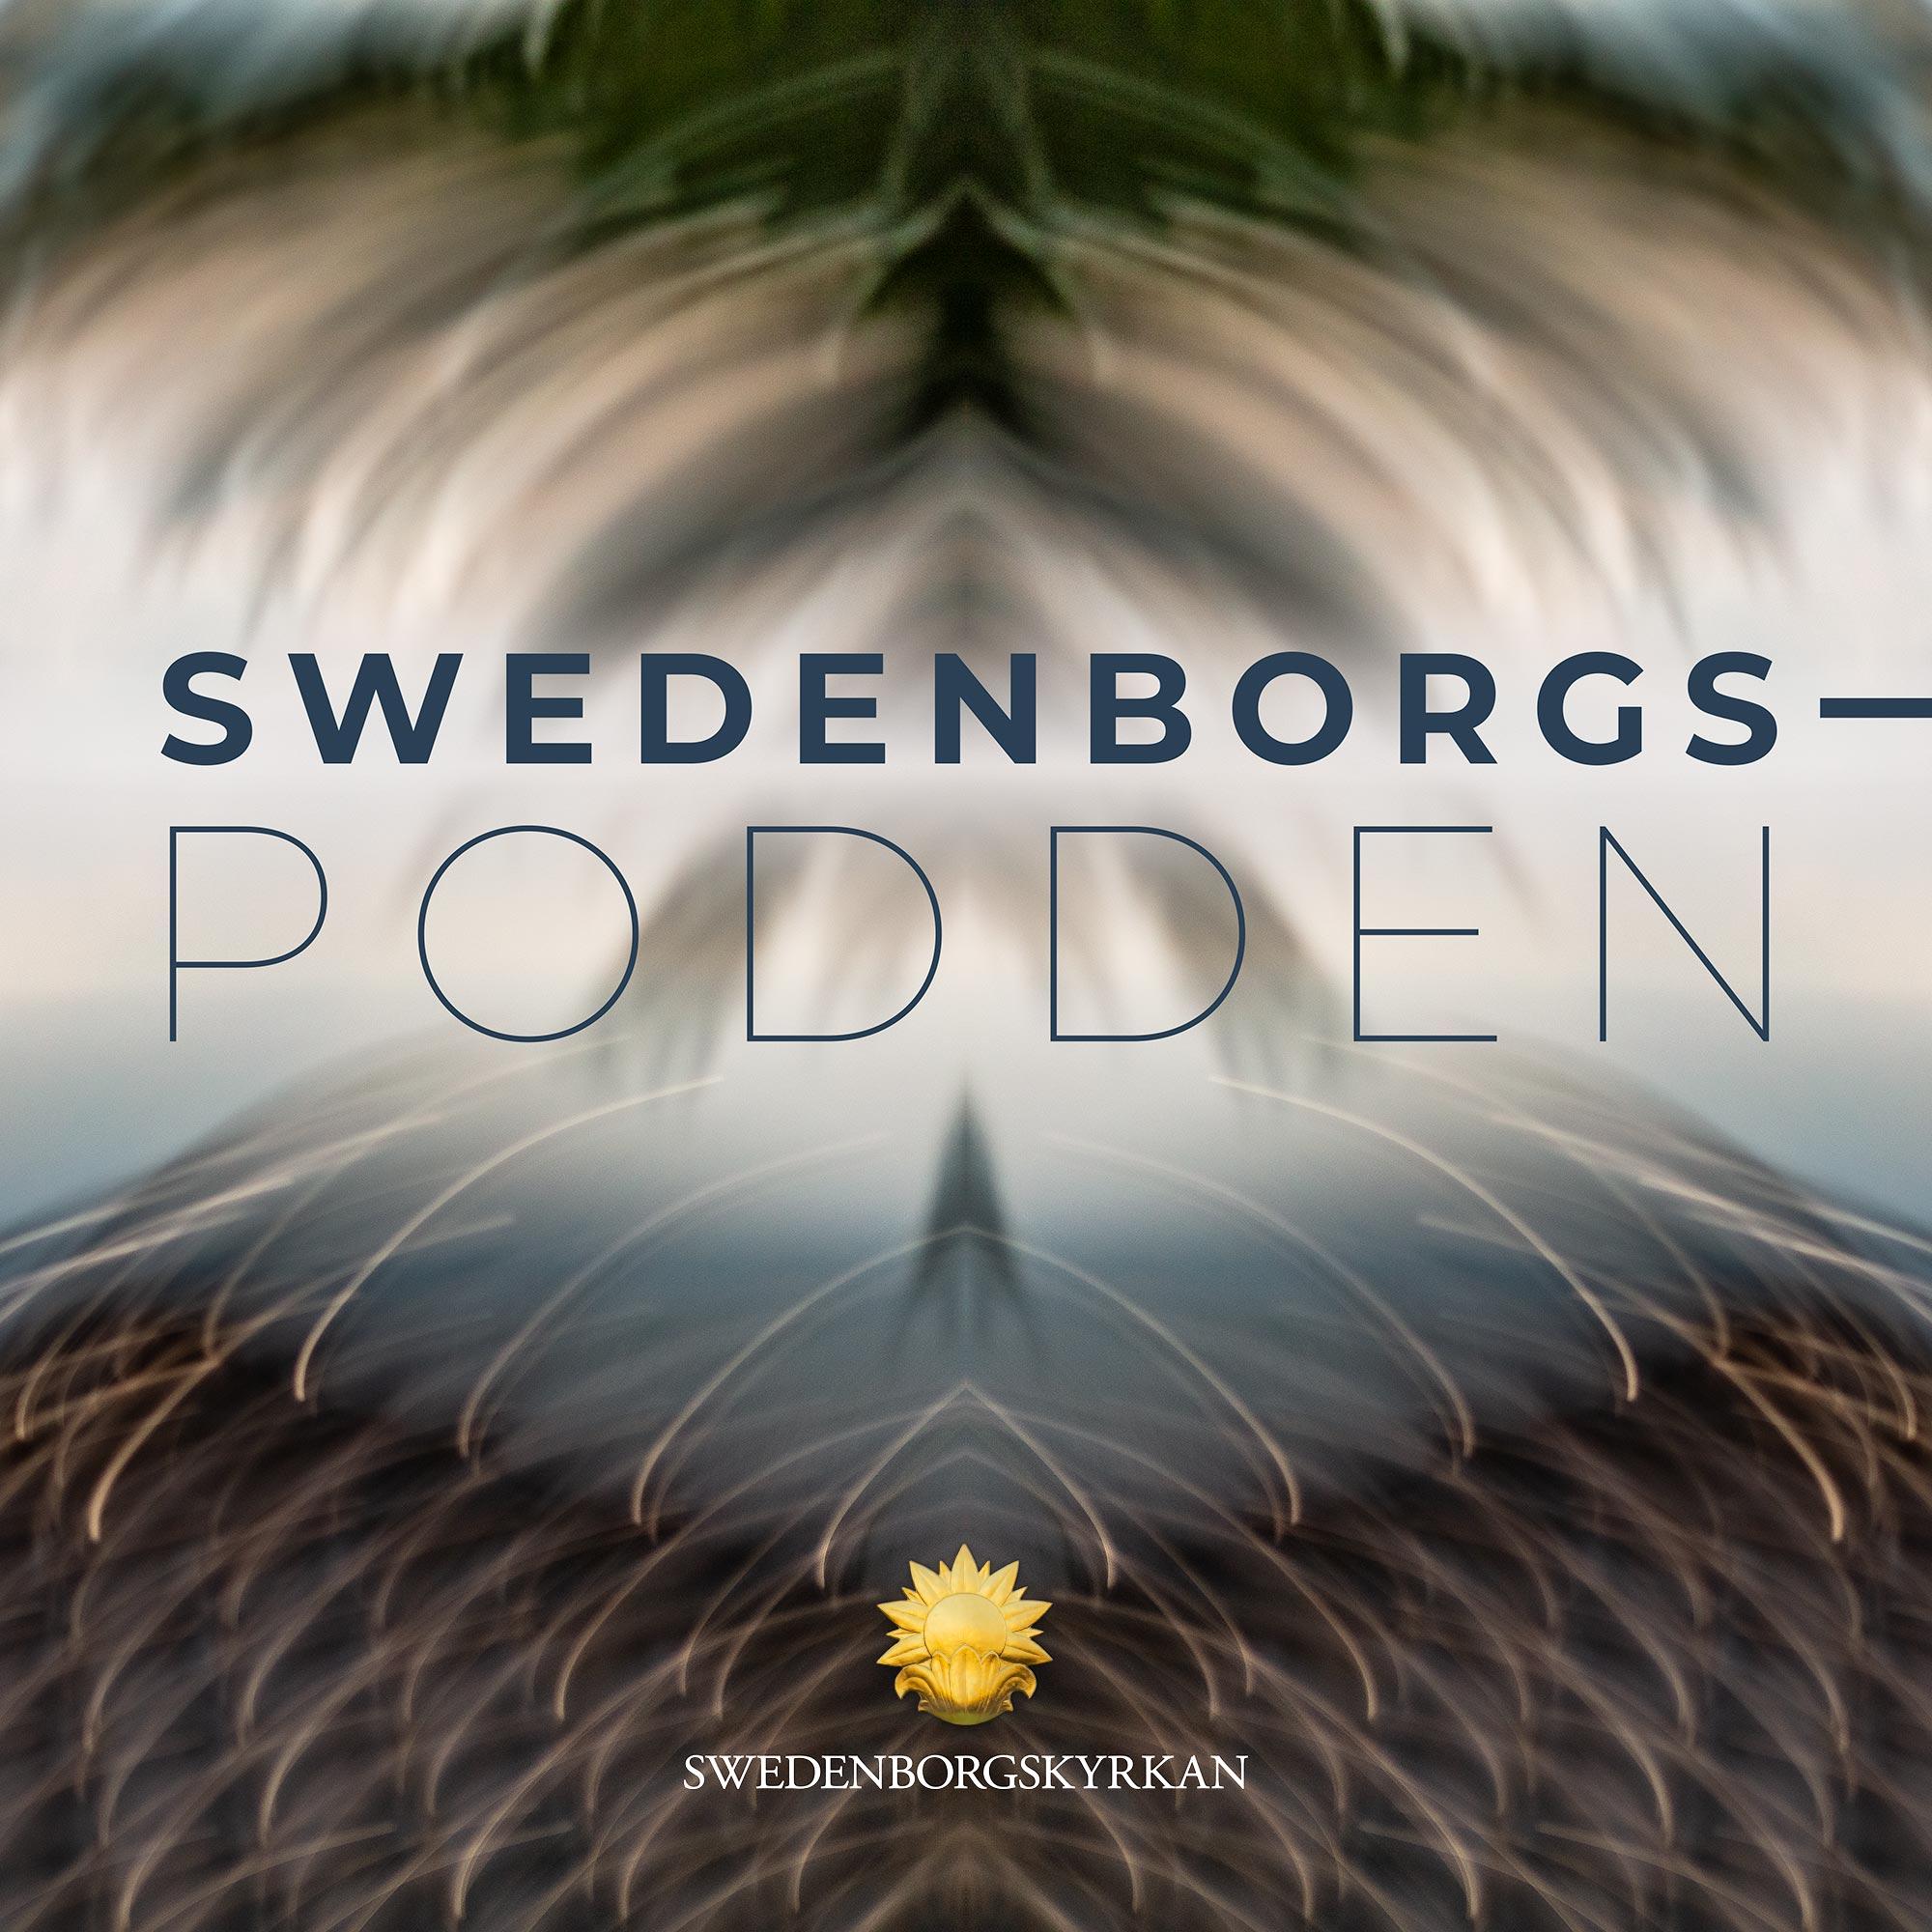 Swedenborgspodden show art